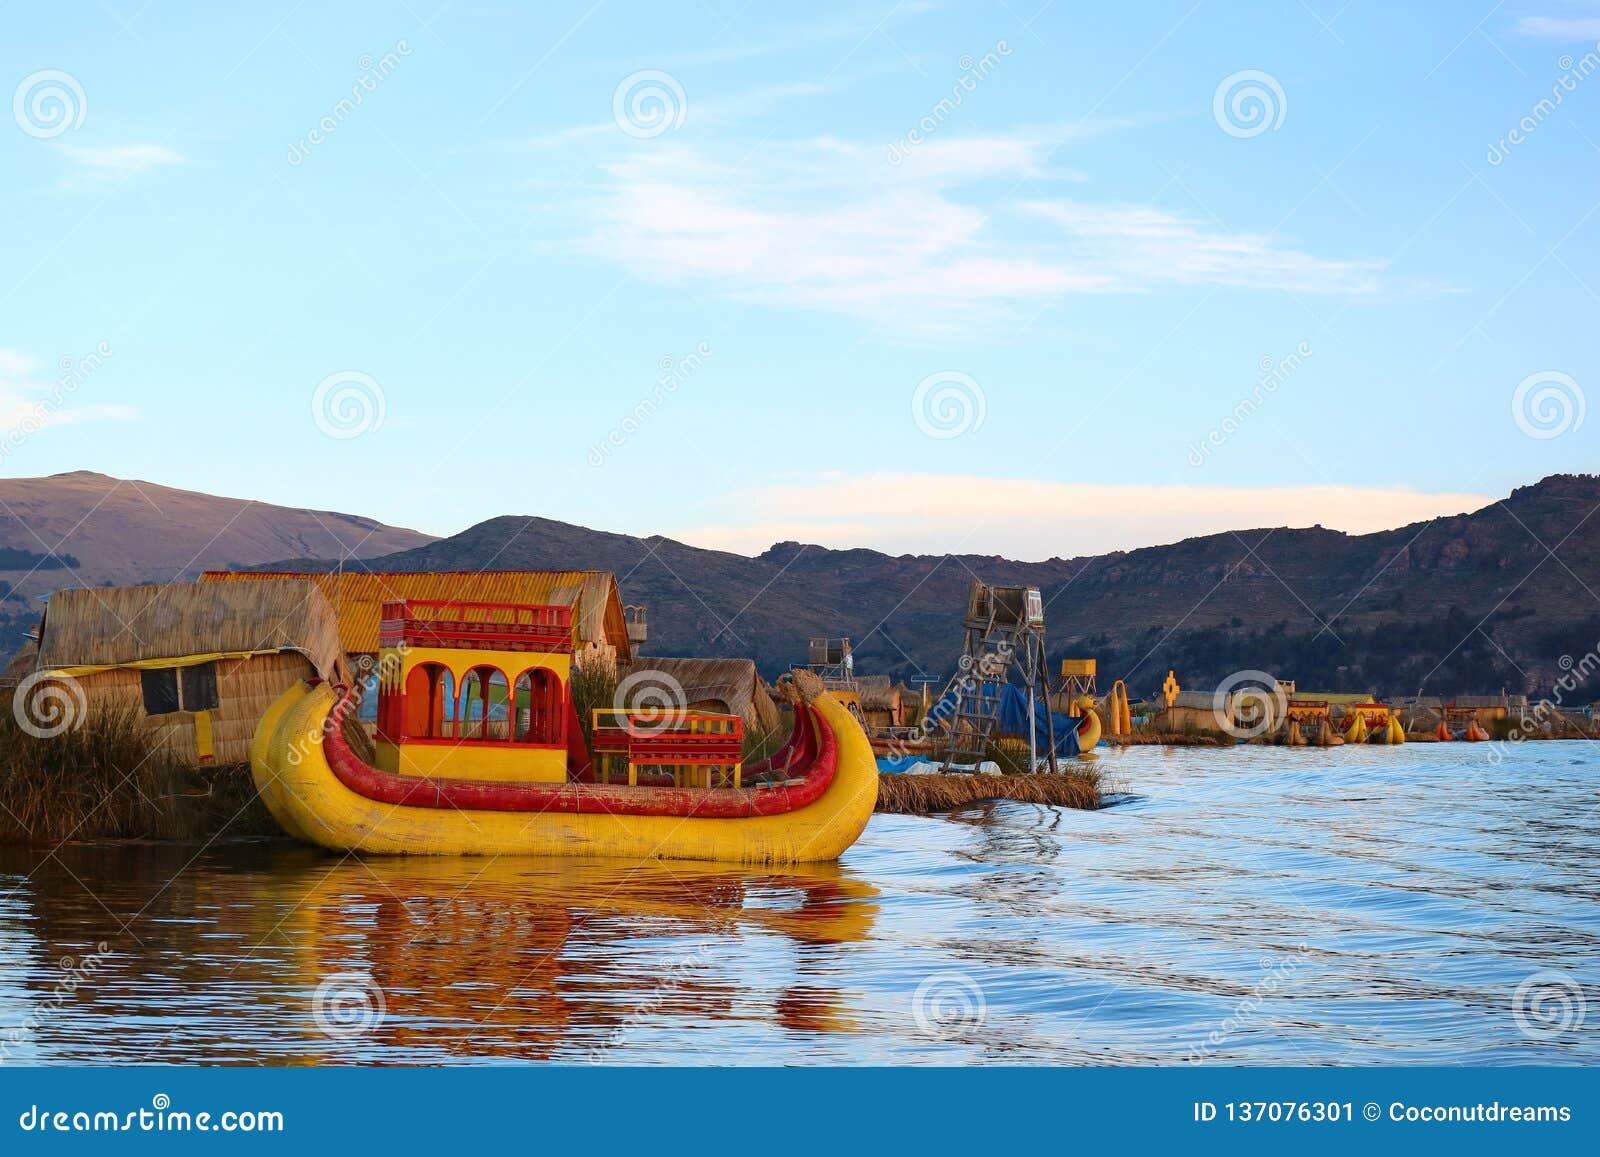 Trillende Gekleurde Traditionele Totora Reed Boats op Meer Titicaca, Beroemd Uros Floating Island van Puno, Peru